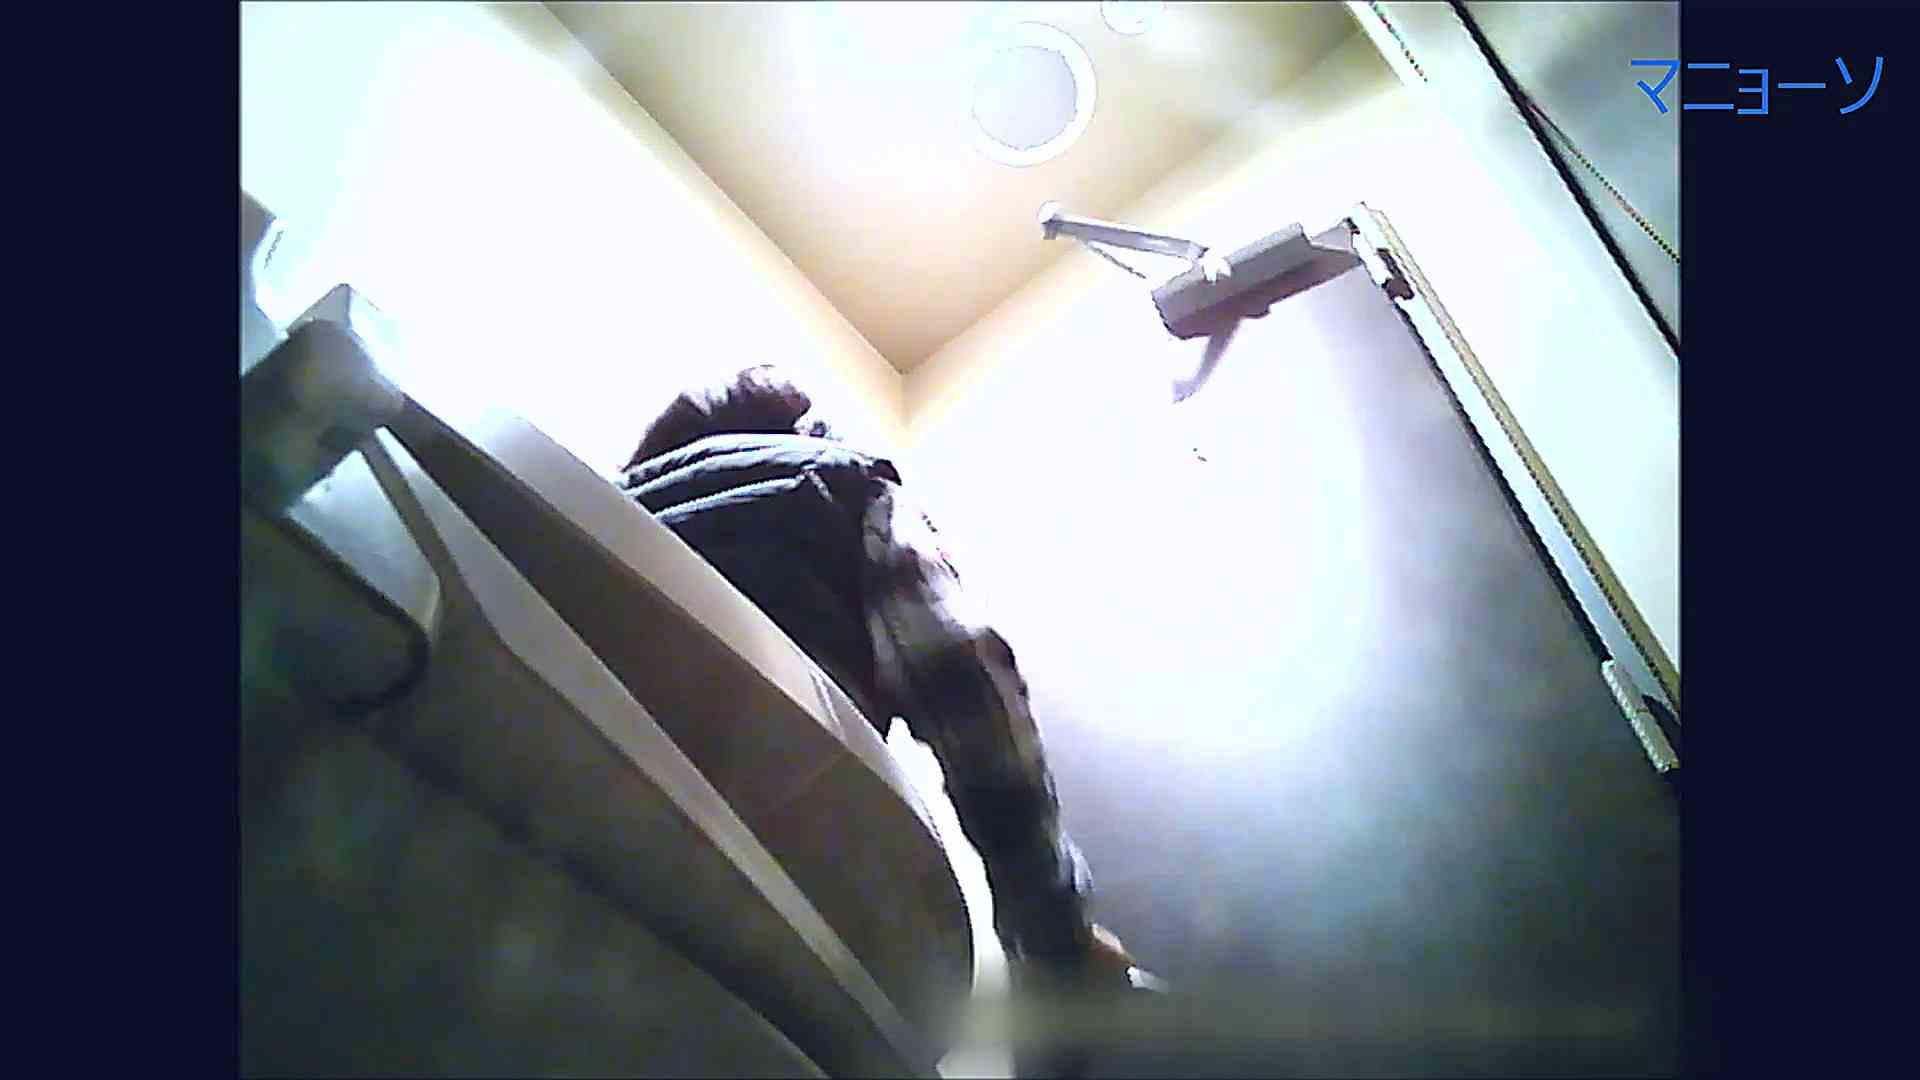 トイレでひと肌脱いでもらいました (JD編)Vol.03 トイレ盗撮 | 色っぽいOL達  70pic 55